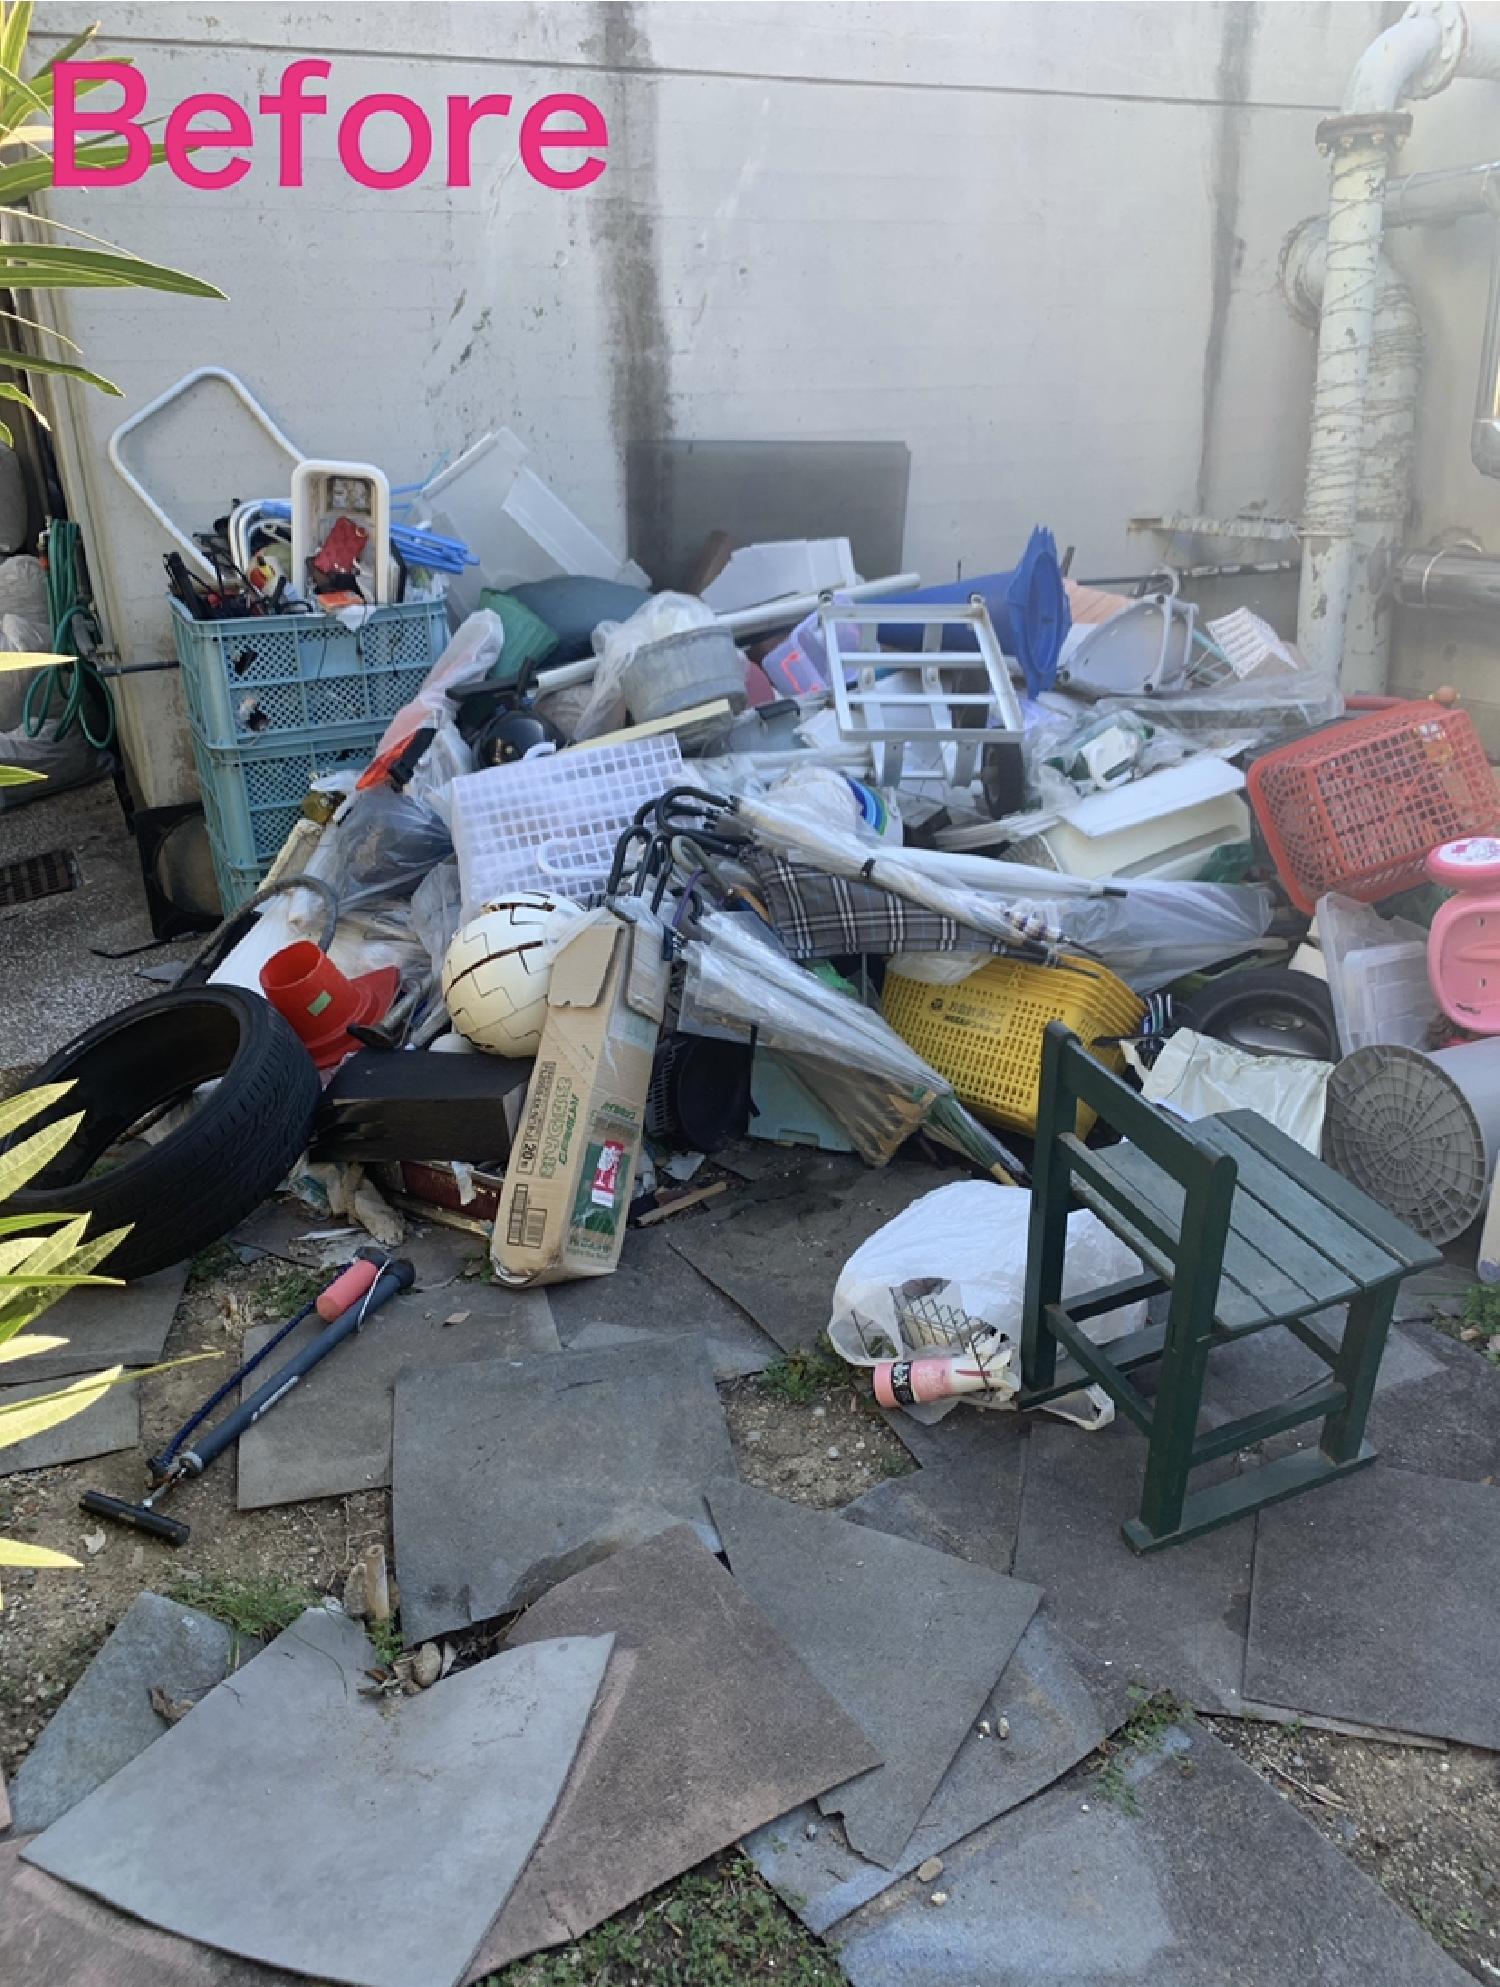 大阪府堺市北区、浅香山住宅管理組合様より不用品回収のご依頼。